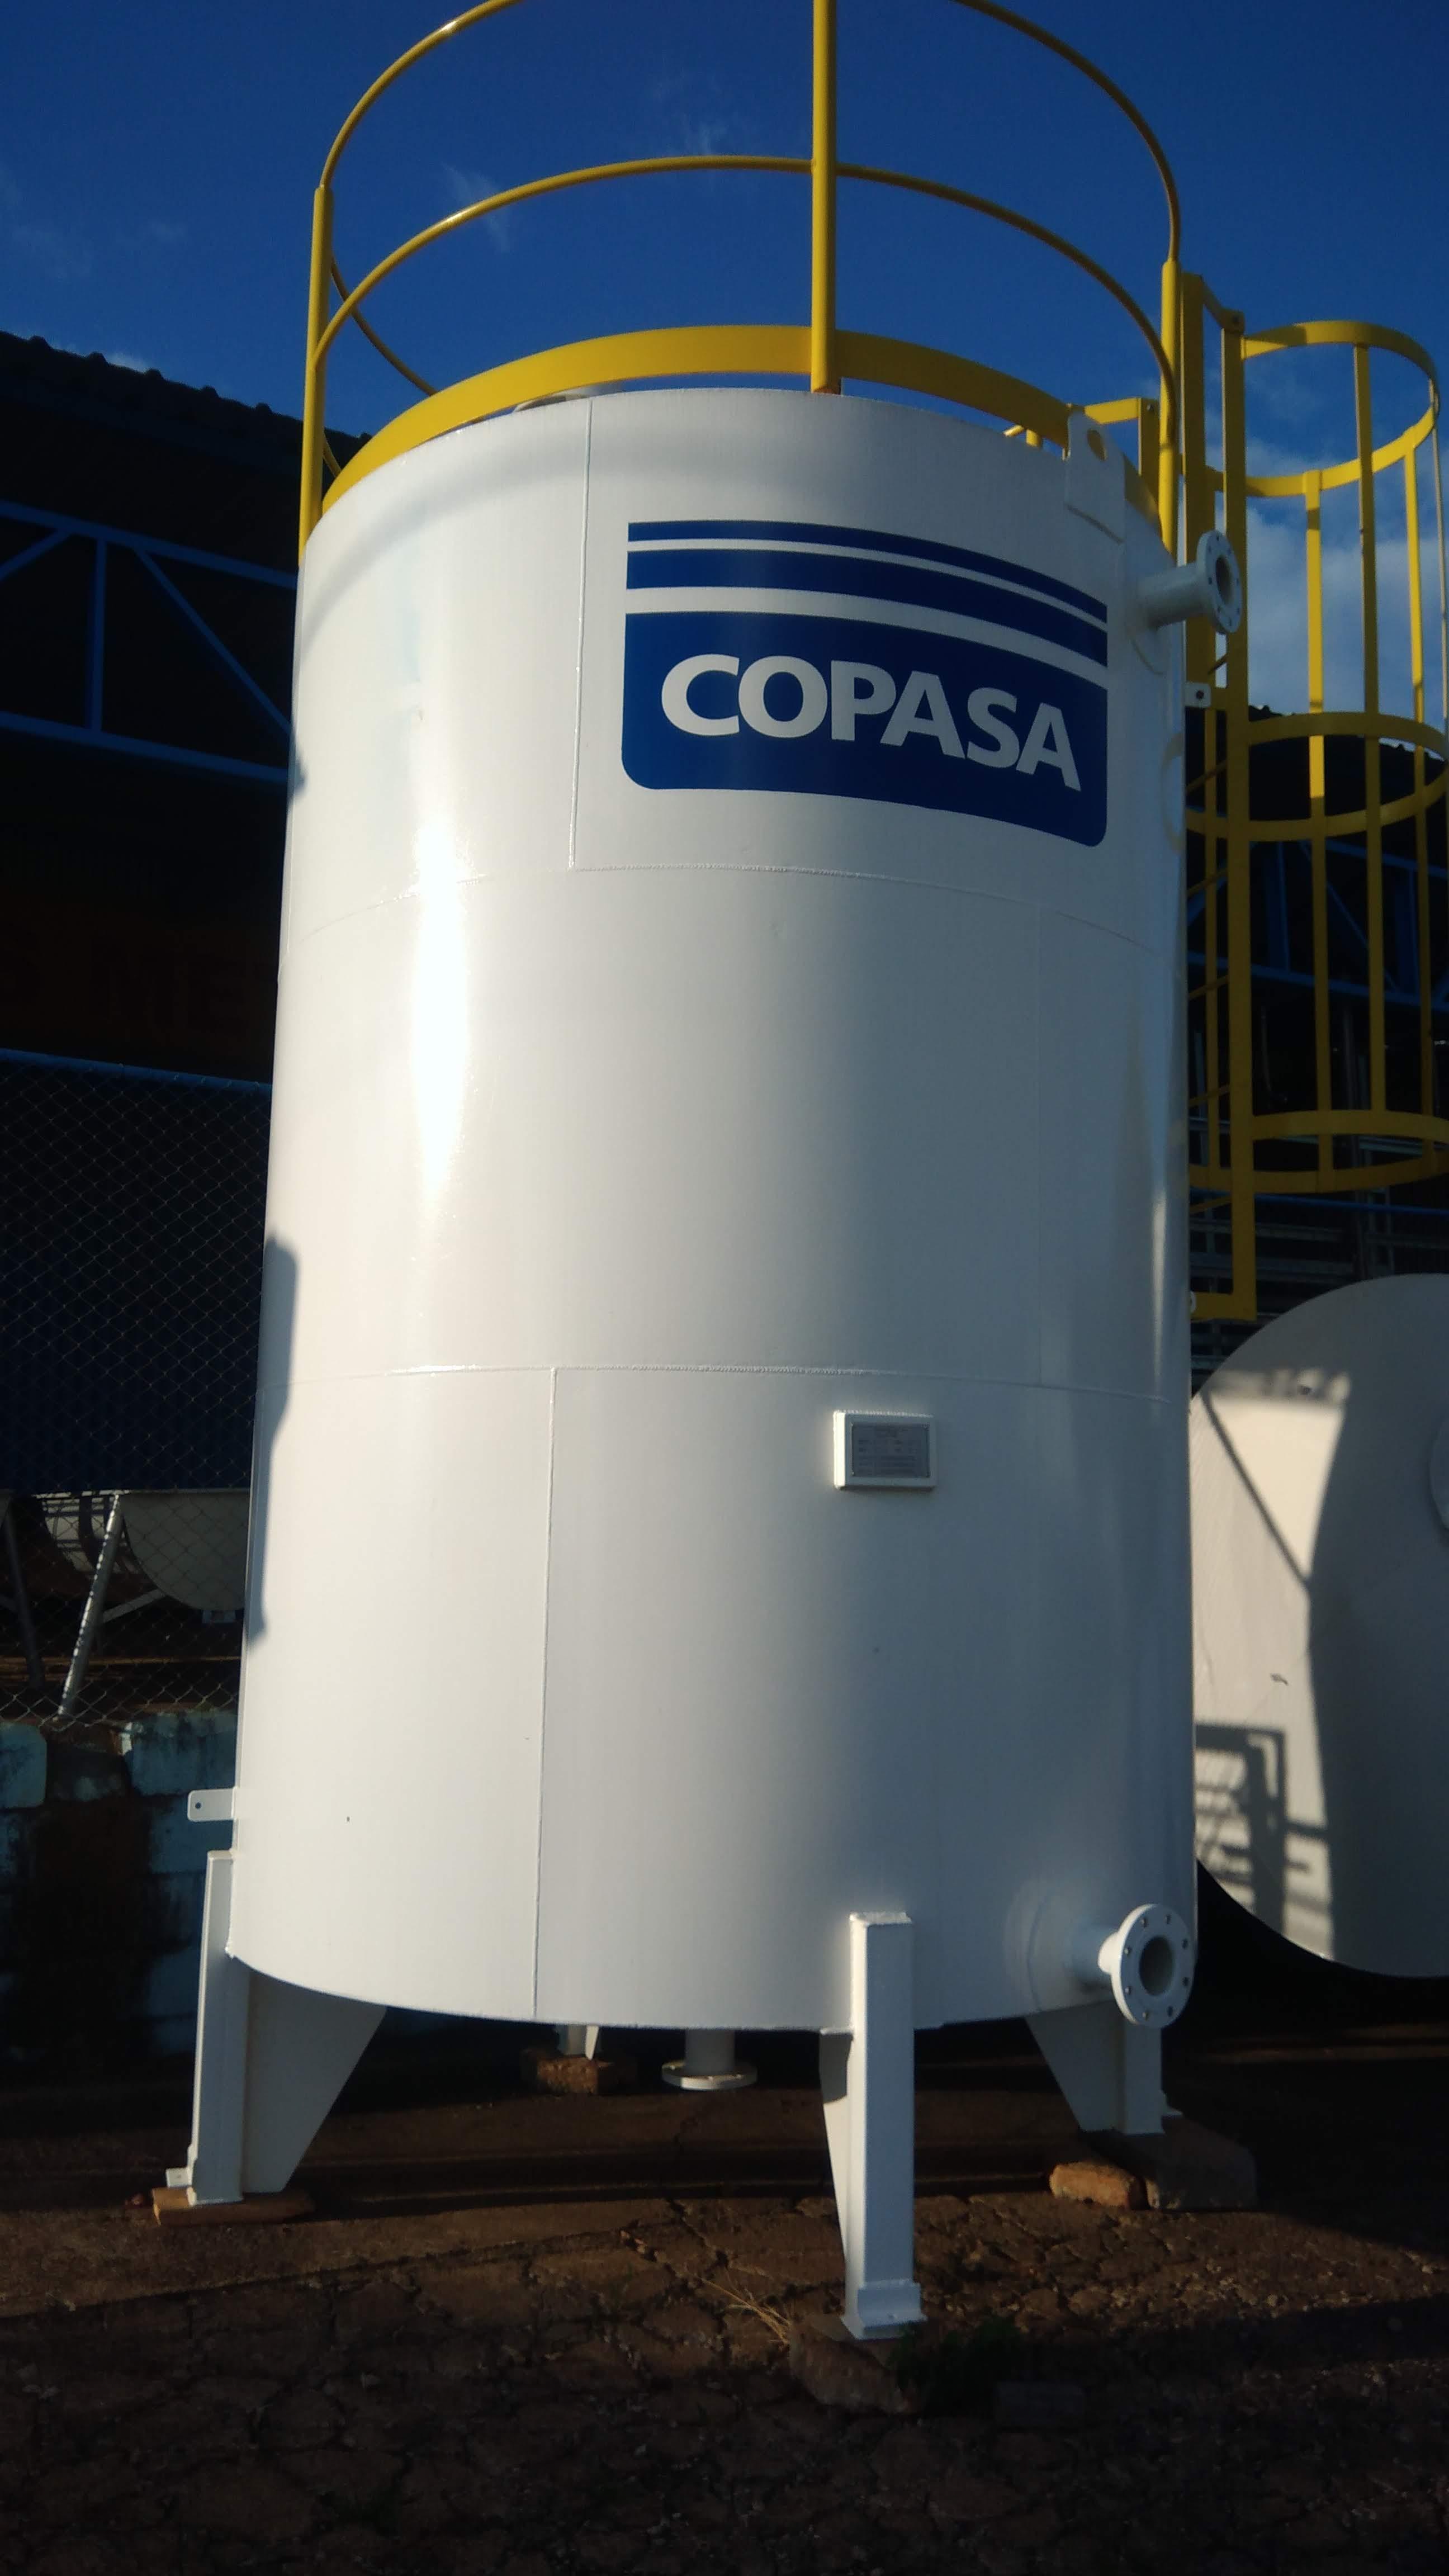 Reservatório cilindro padrão copasa